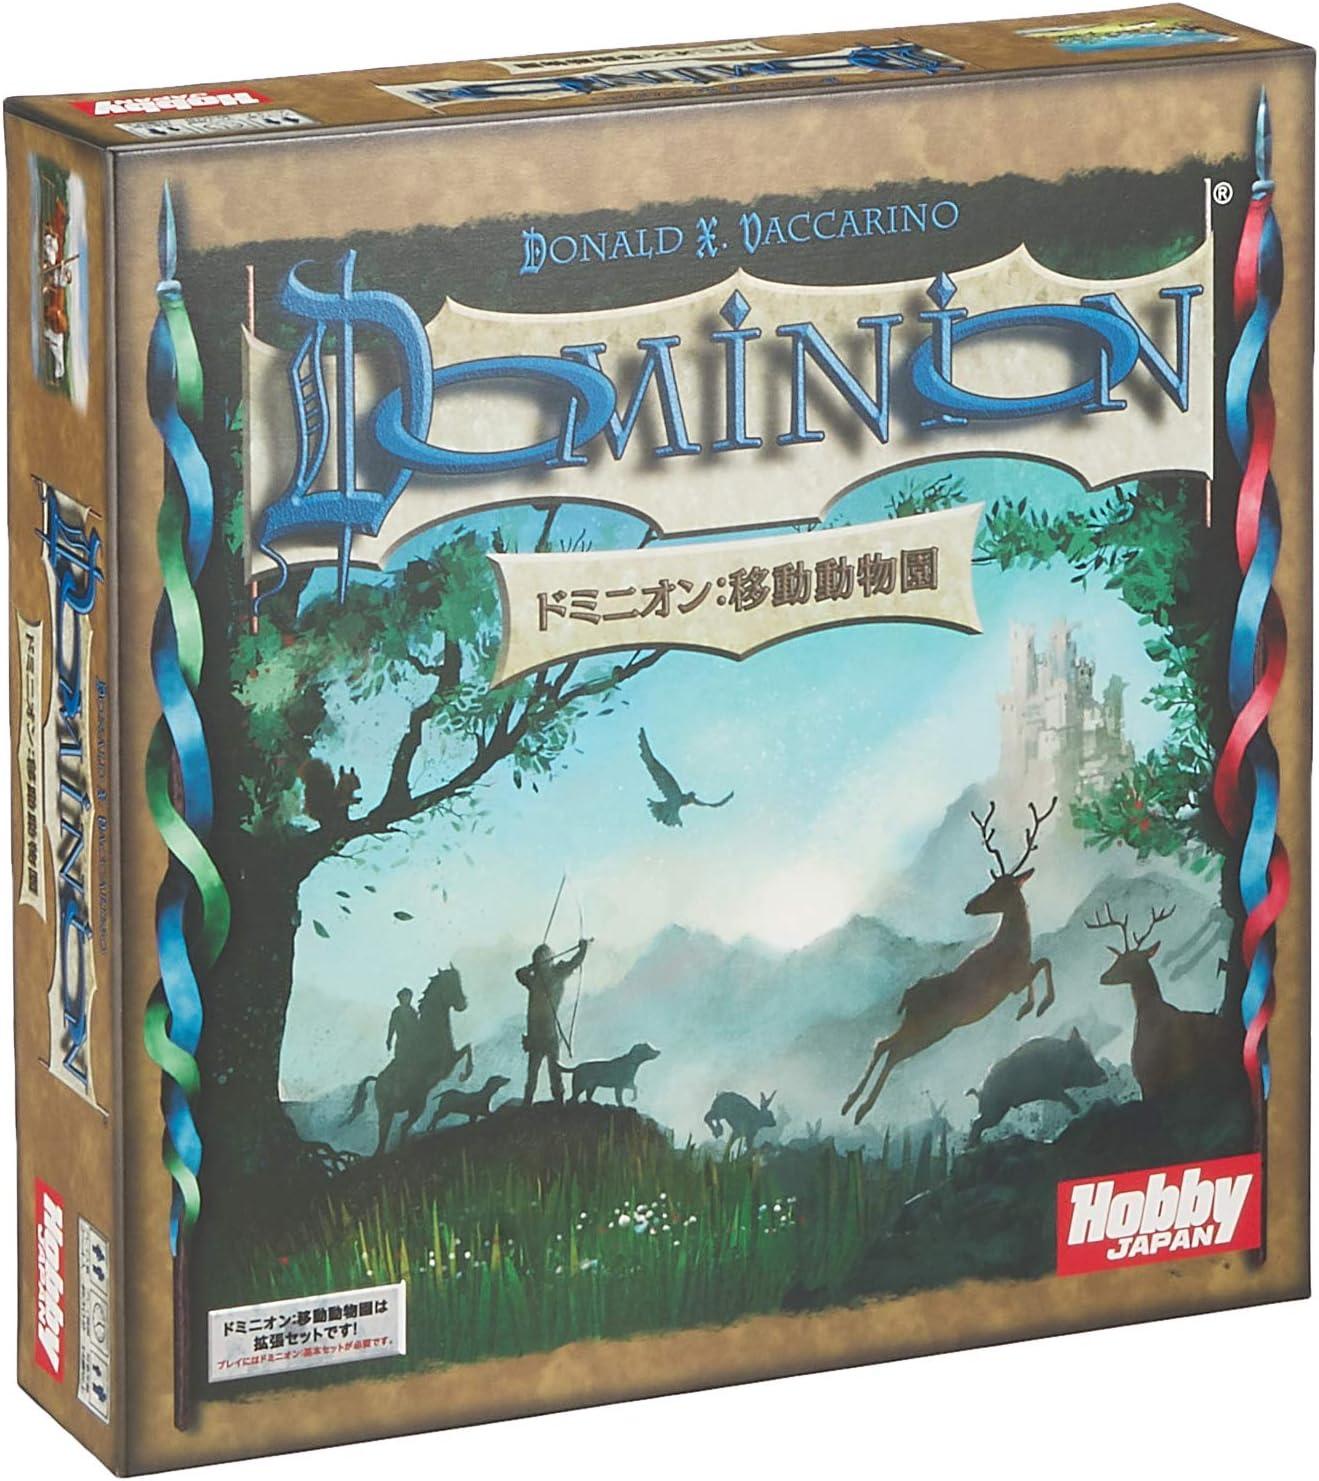 Amazon | ホビージャパン ドミニオン: 移動動物園 日本語版 (2-4人用 30分 14才以上向け) ボードゲーム | ボードゲーム |  おもちゃ